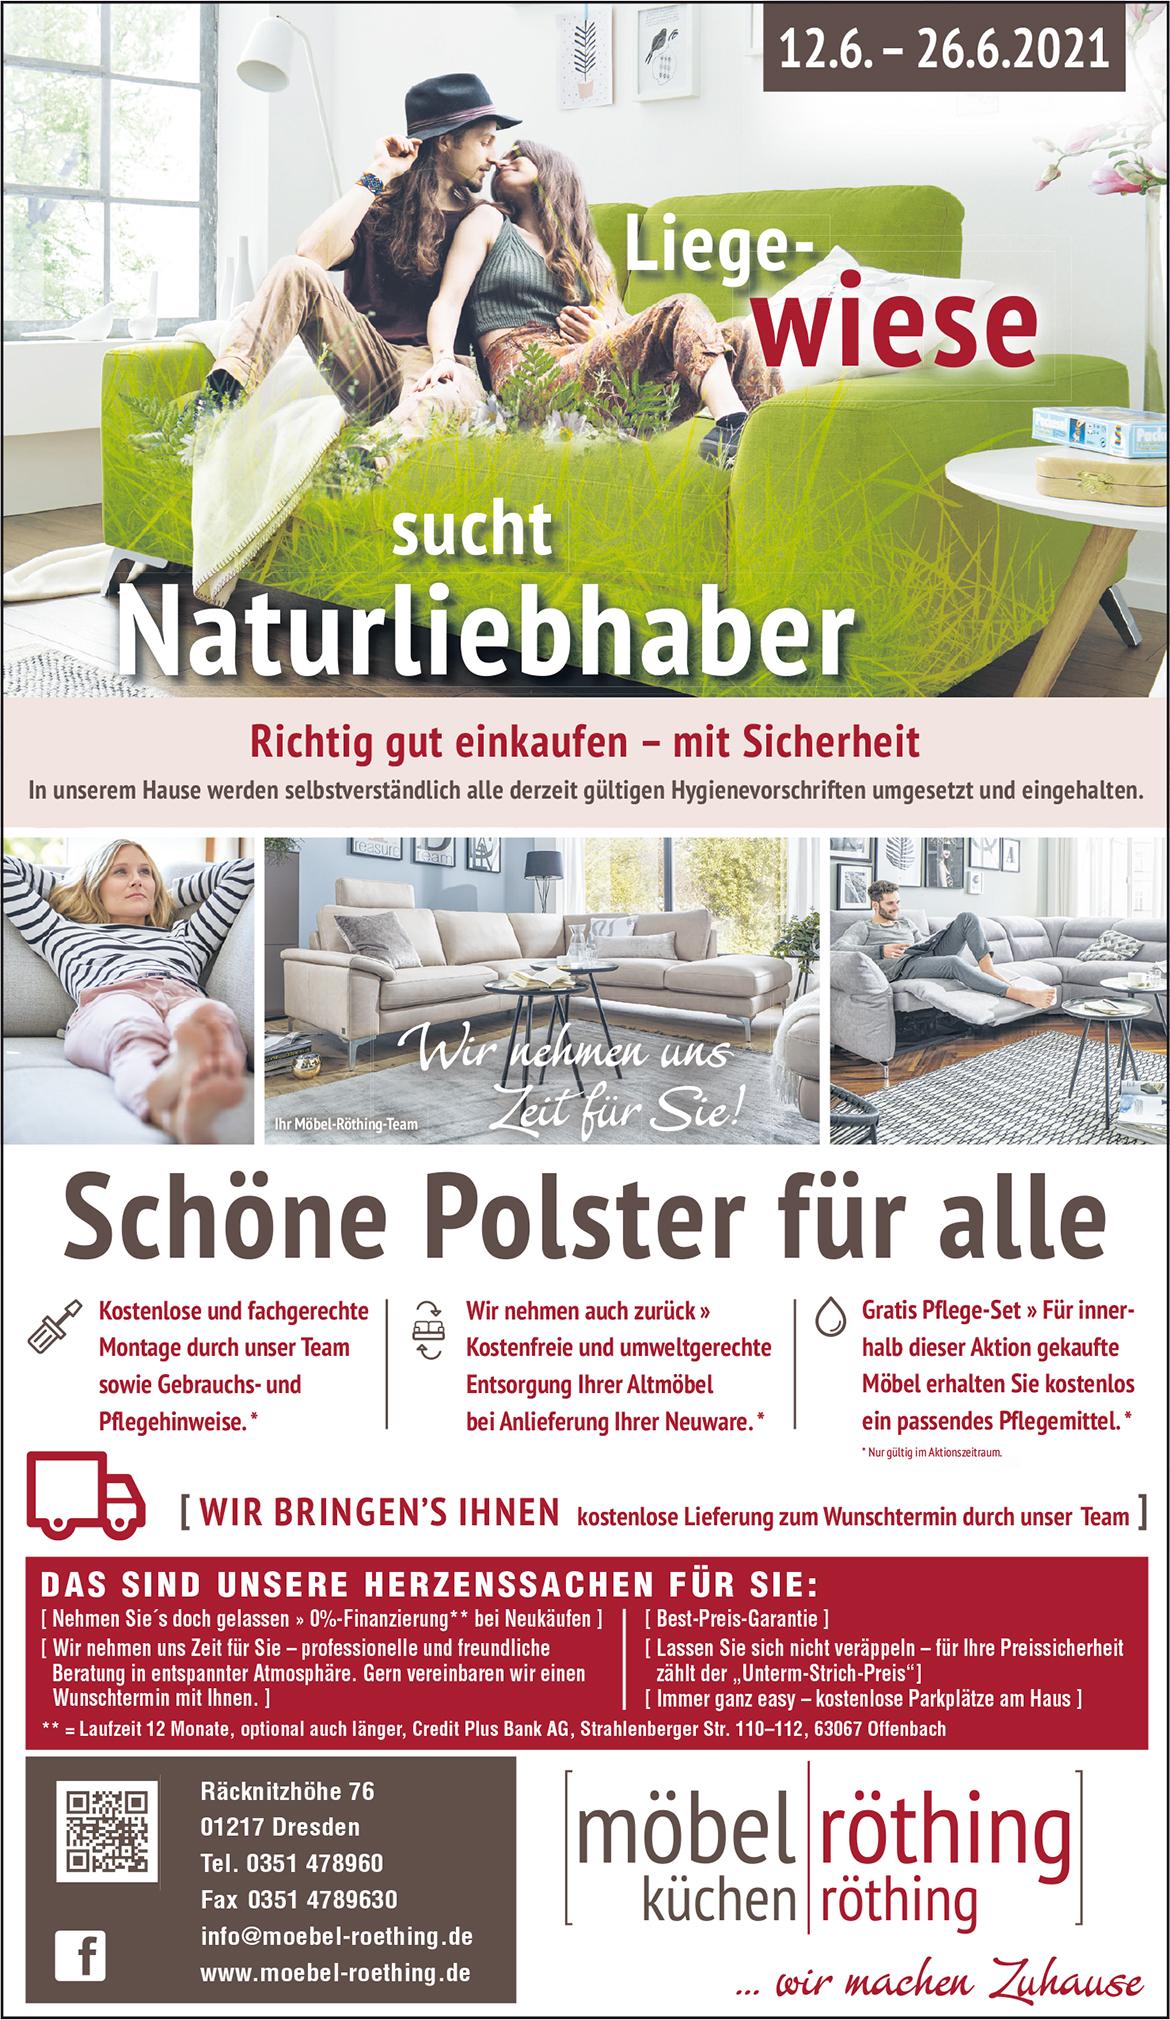 liegewiese2 Möbelhaus Dresden - Möbel Röthing